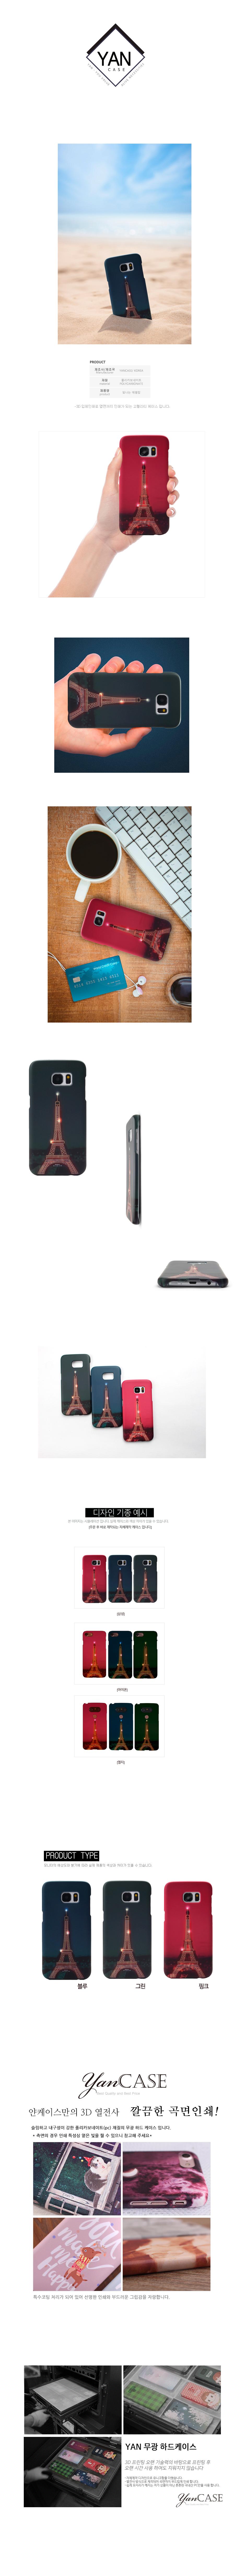 갤럭시노트8 파리 하드케이스 N950 - 얀케이스2, 13,500원, 케이스, 갤럭시노트8